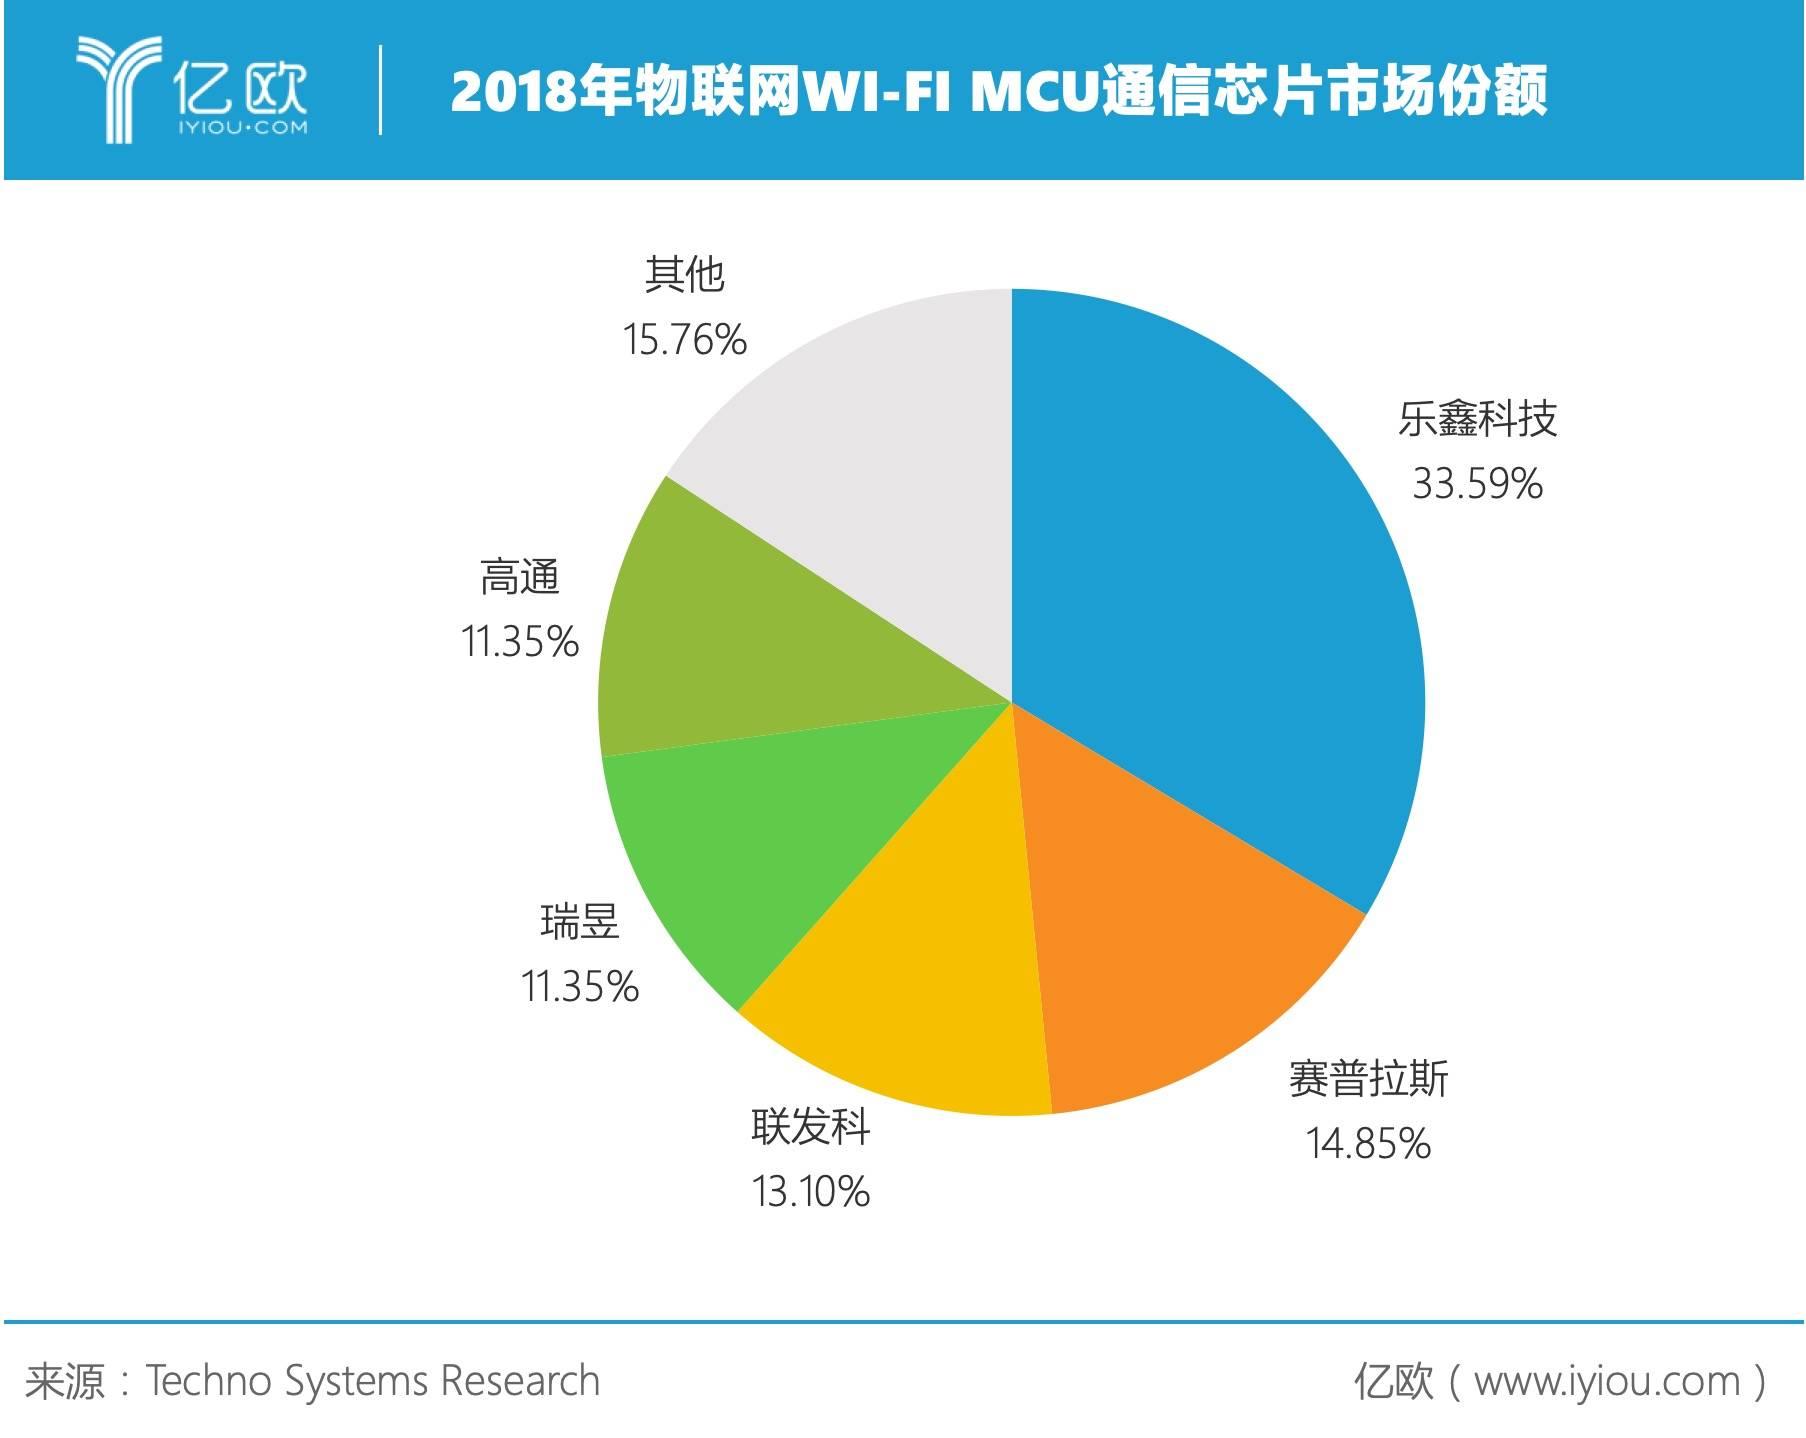 2018年物联网WI-FI MCU通信芯片市场份额.jpeg